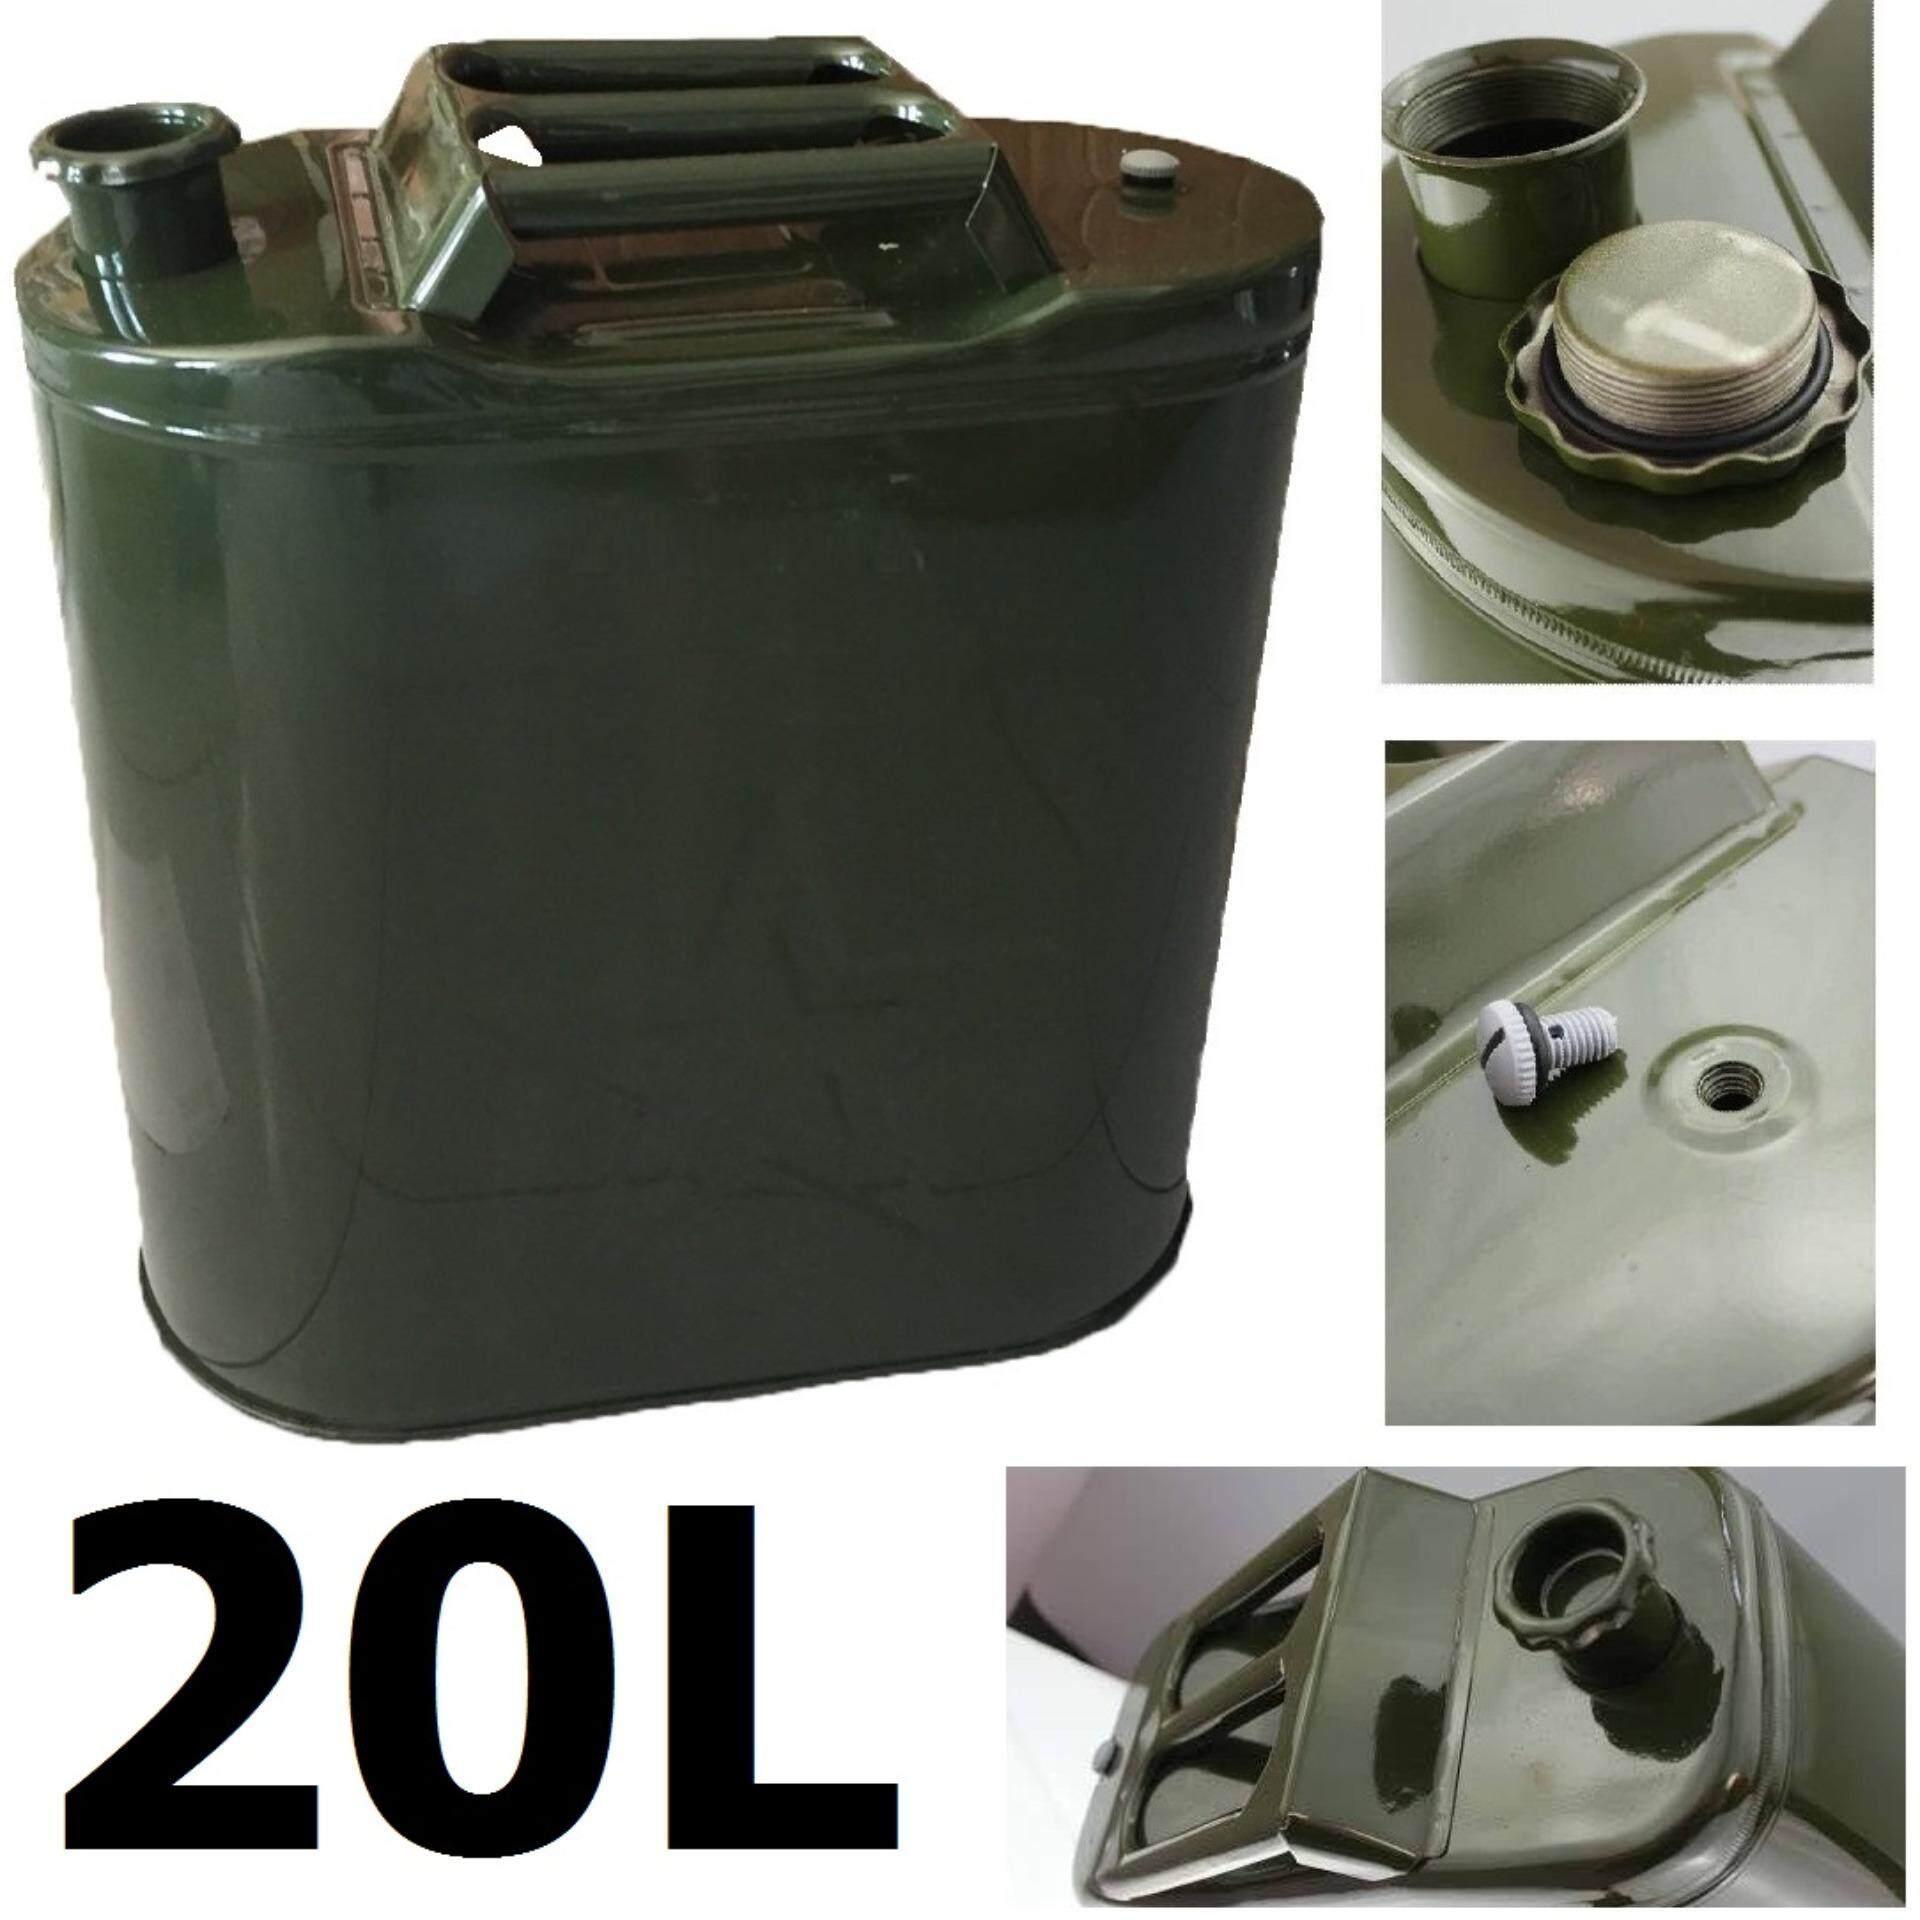 ถังแกลลอนเหล็กเก็บน้ำมันสำรอง ถังน้ำมัน 20 Litre Fuel Tank.